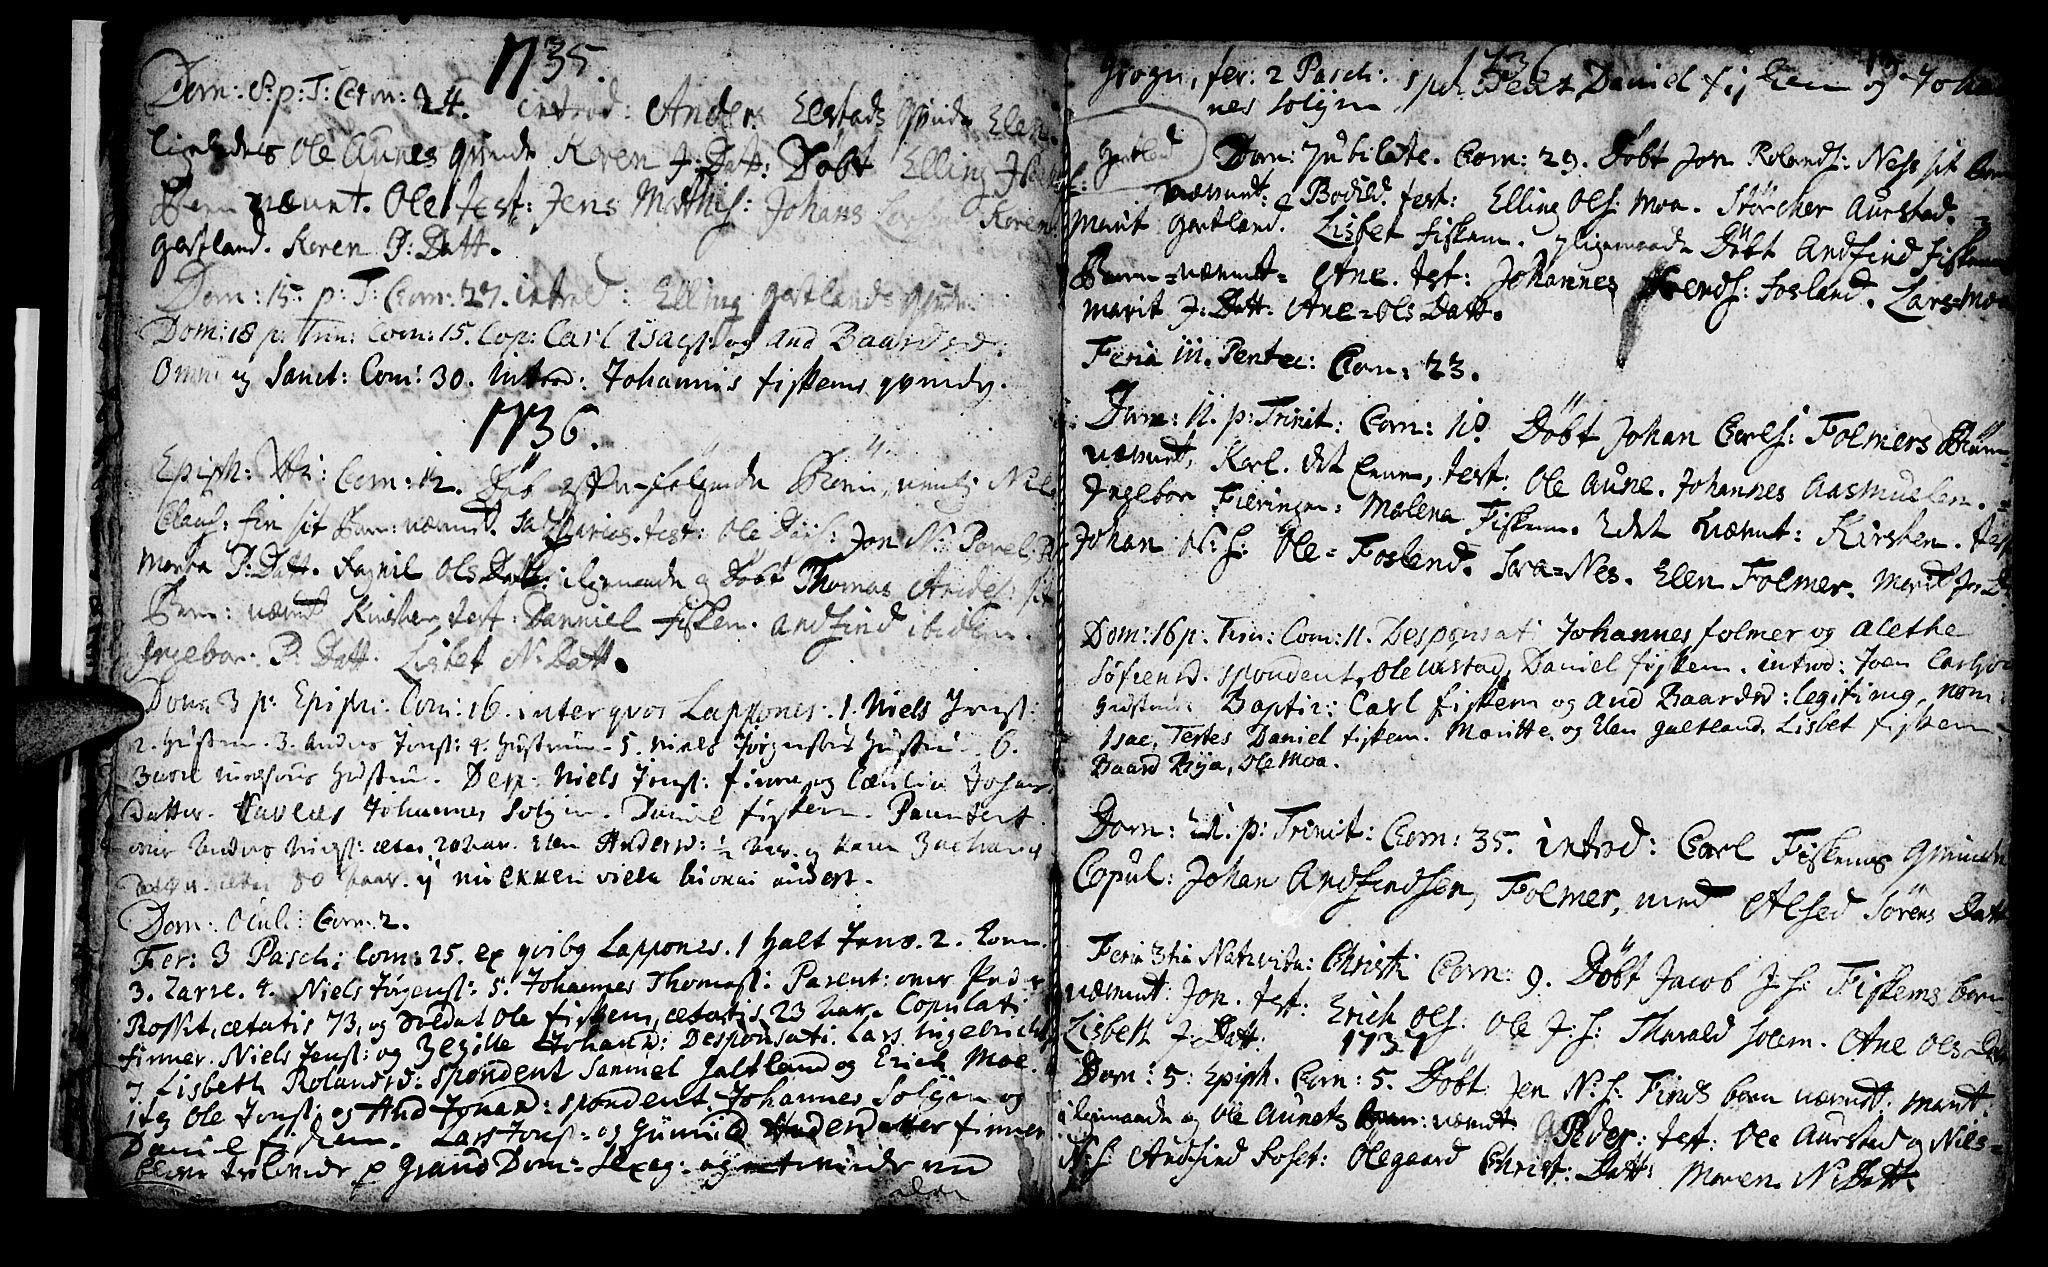 SAT, Ministerialprotokoller, klokkerbøker og fødselsregistre - Nord-Trøndelag, 759/L0525: Ministerialbok nr. 759A01, 1706-1748, s. 13